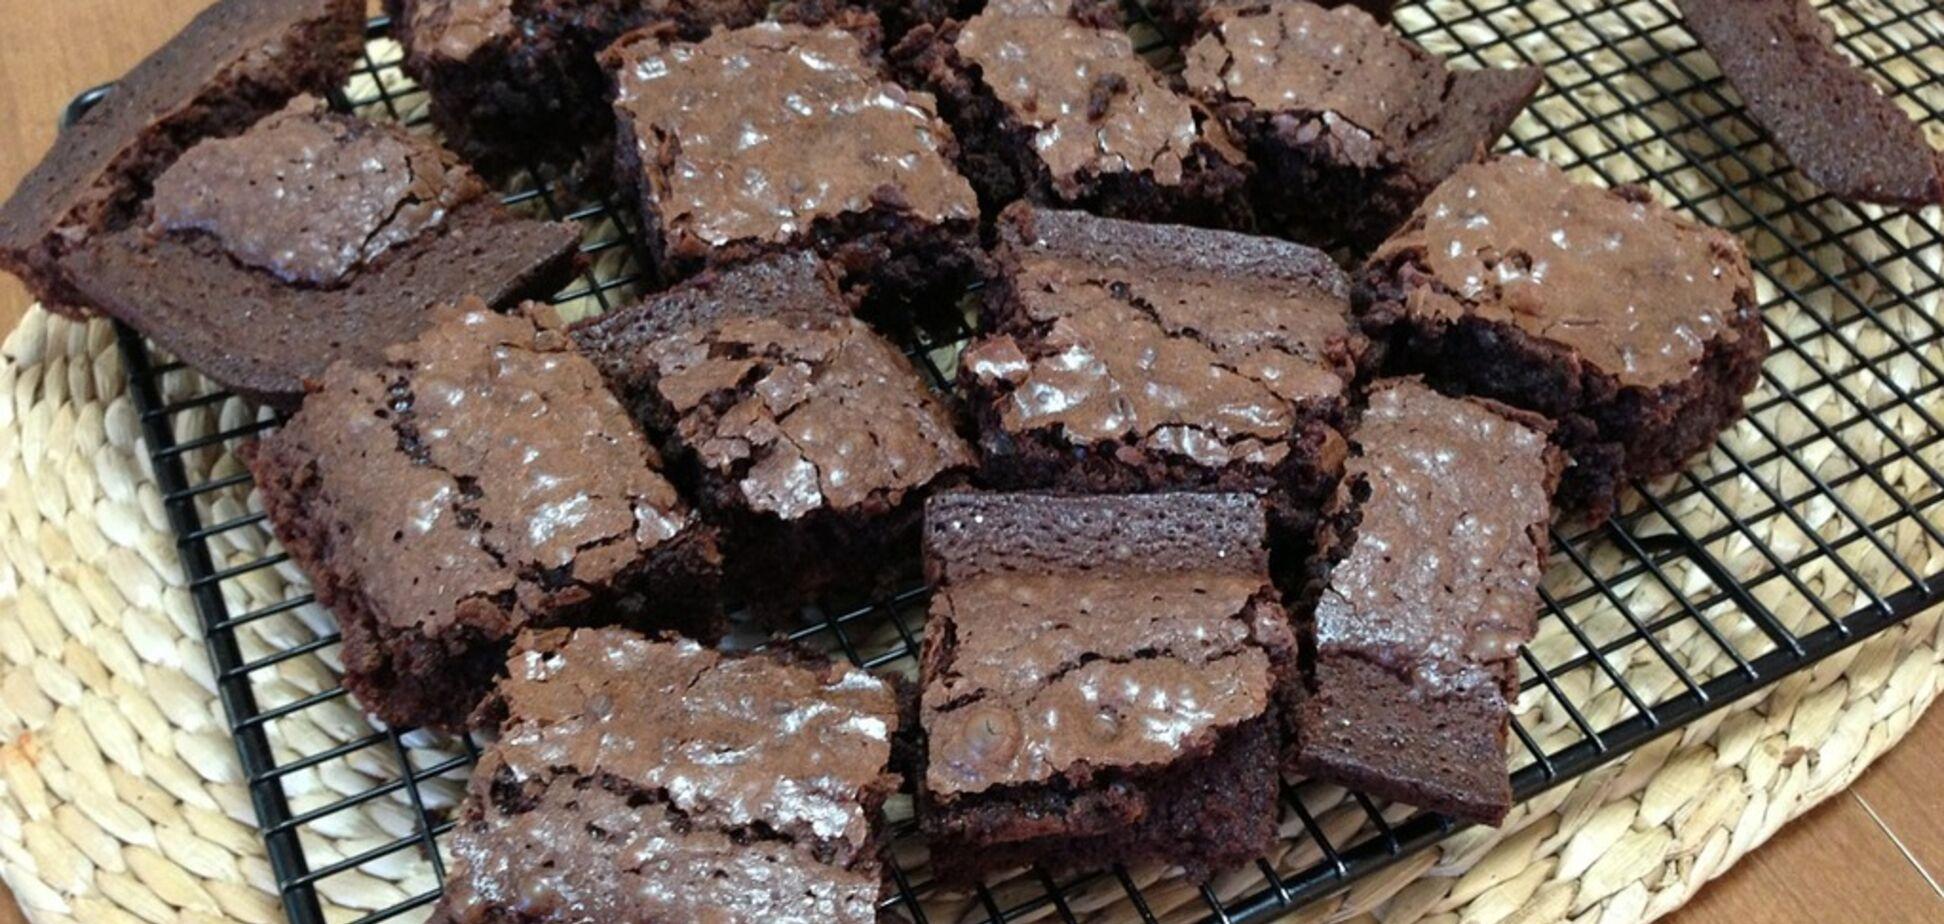 Як приготувати ідеальні шоколадні брауні за півгодини: прості рецепти